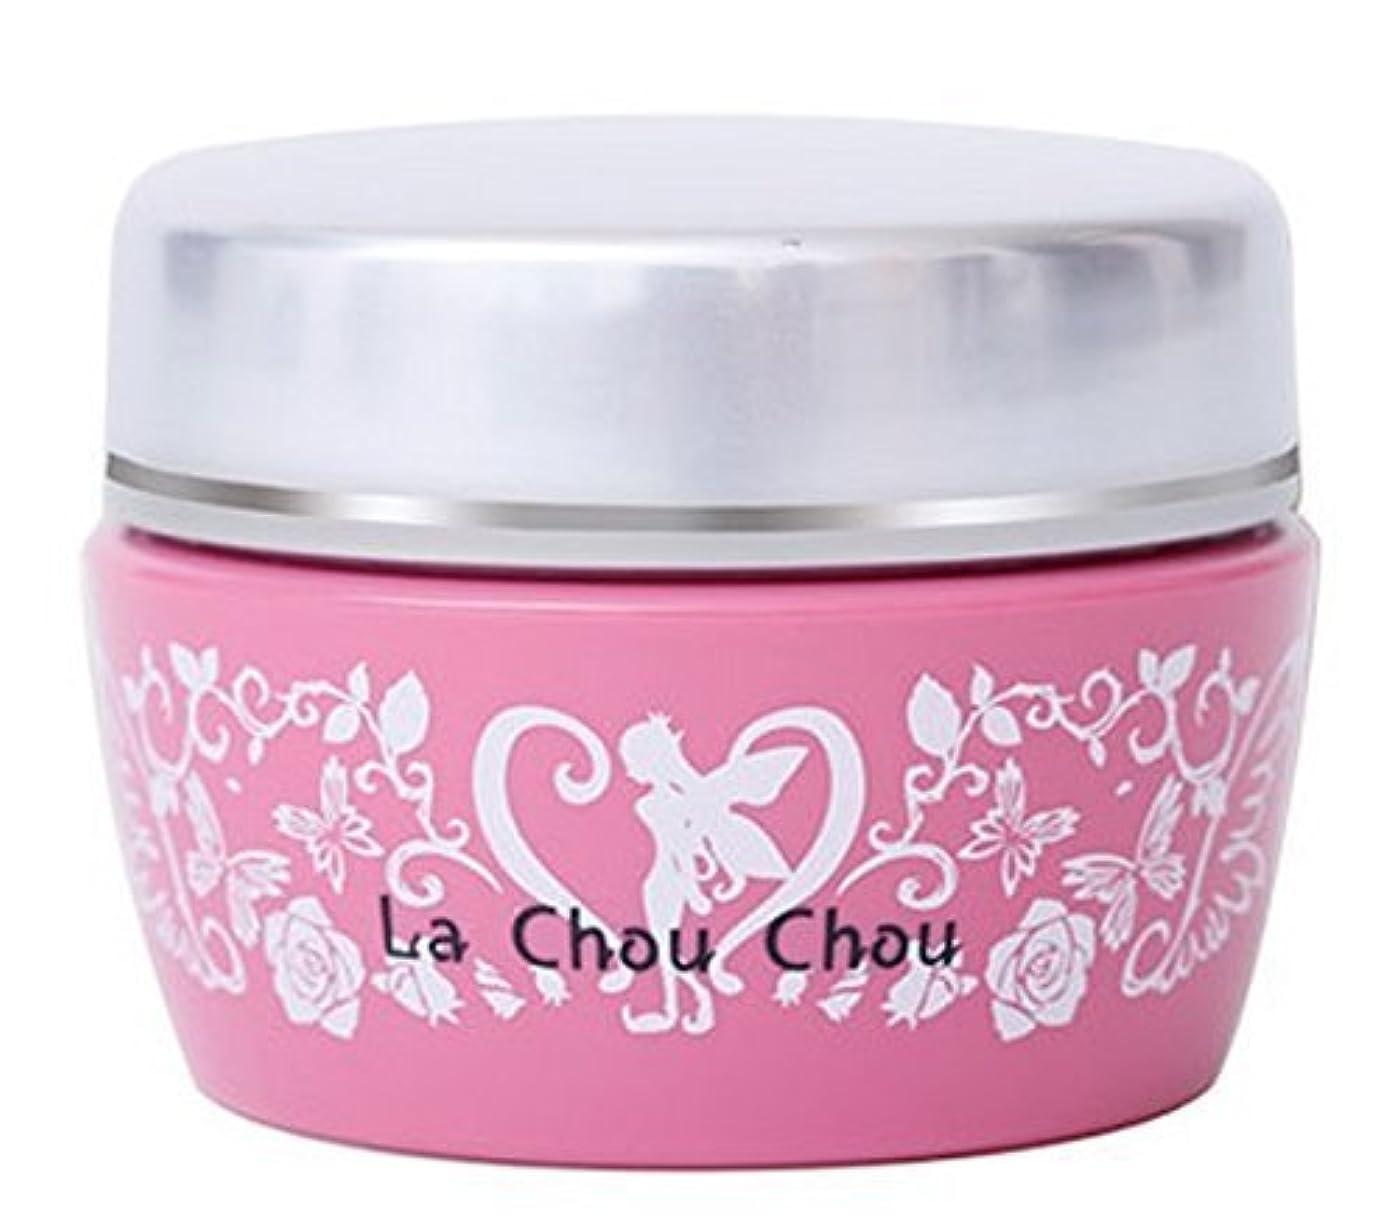 原稿成長するパークイッティ La Chou Chou (ラシュシュ) バストケアクリーム 100g OC413